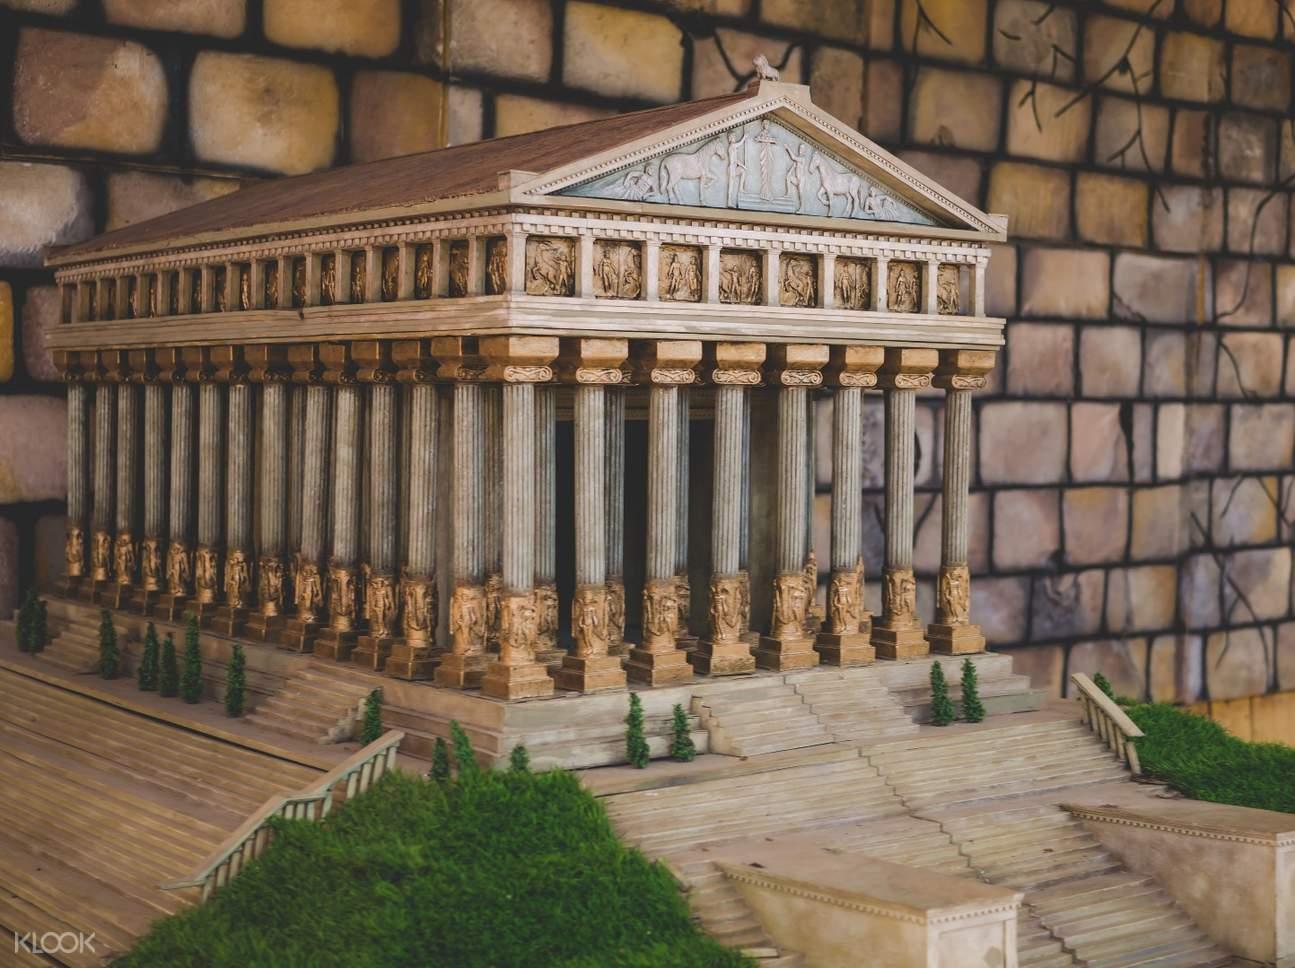 greek temple model in Dinosaurs Island Clark